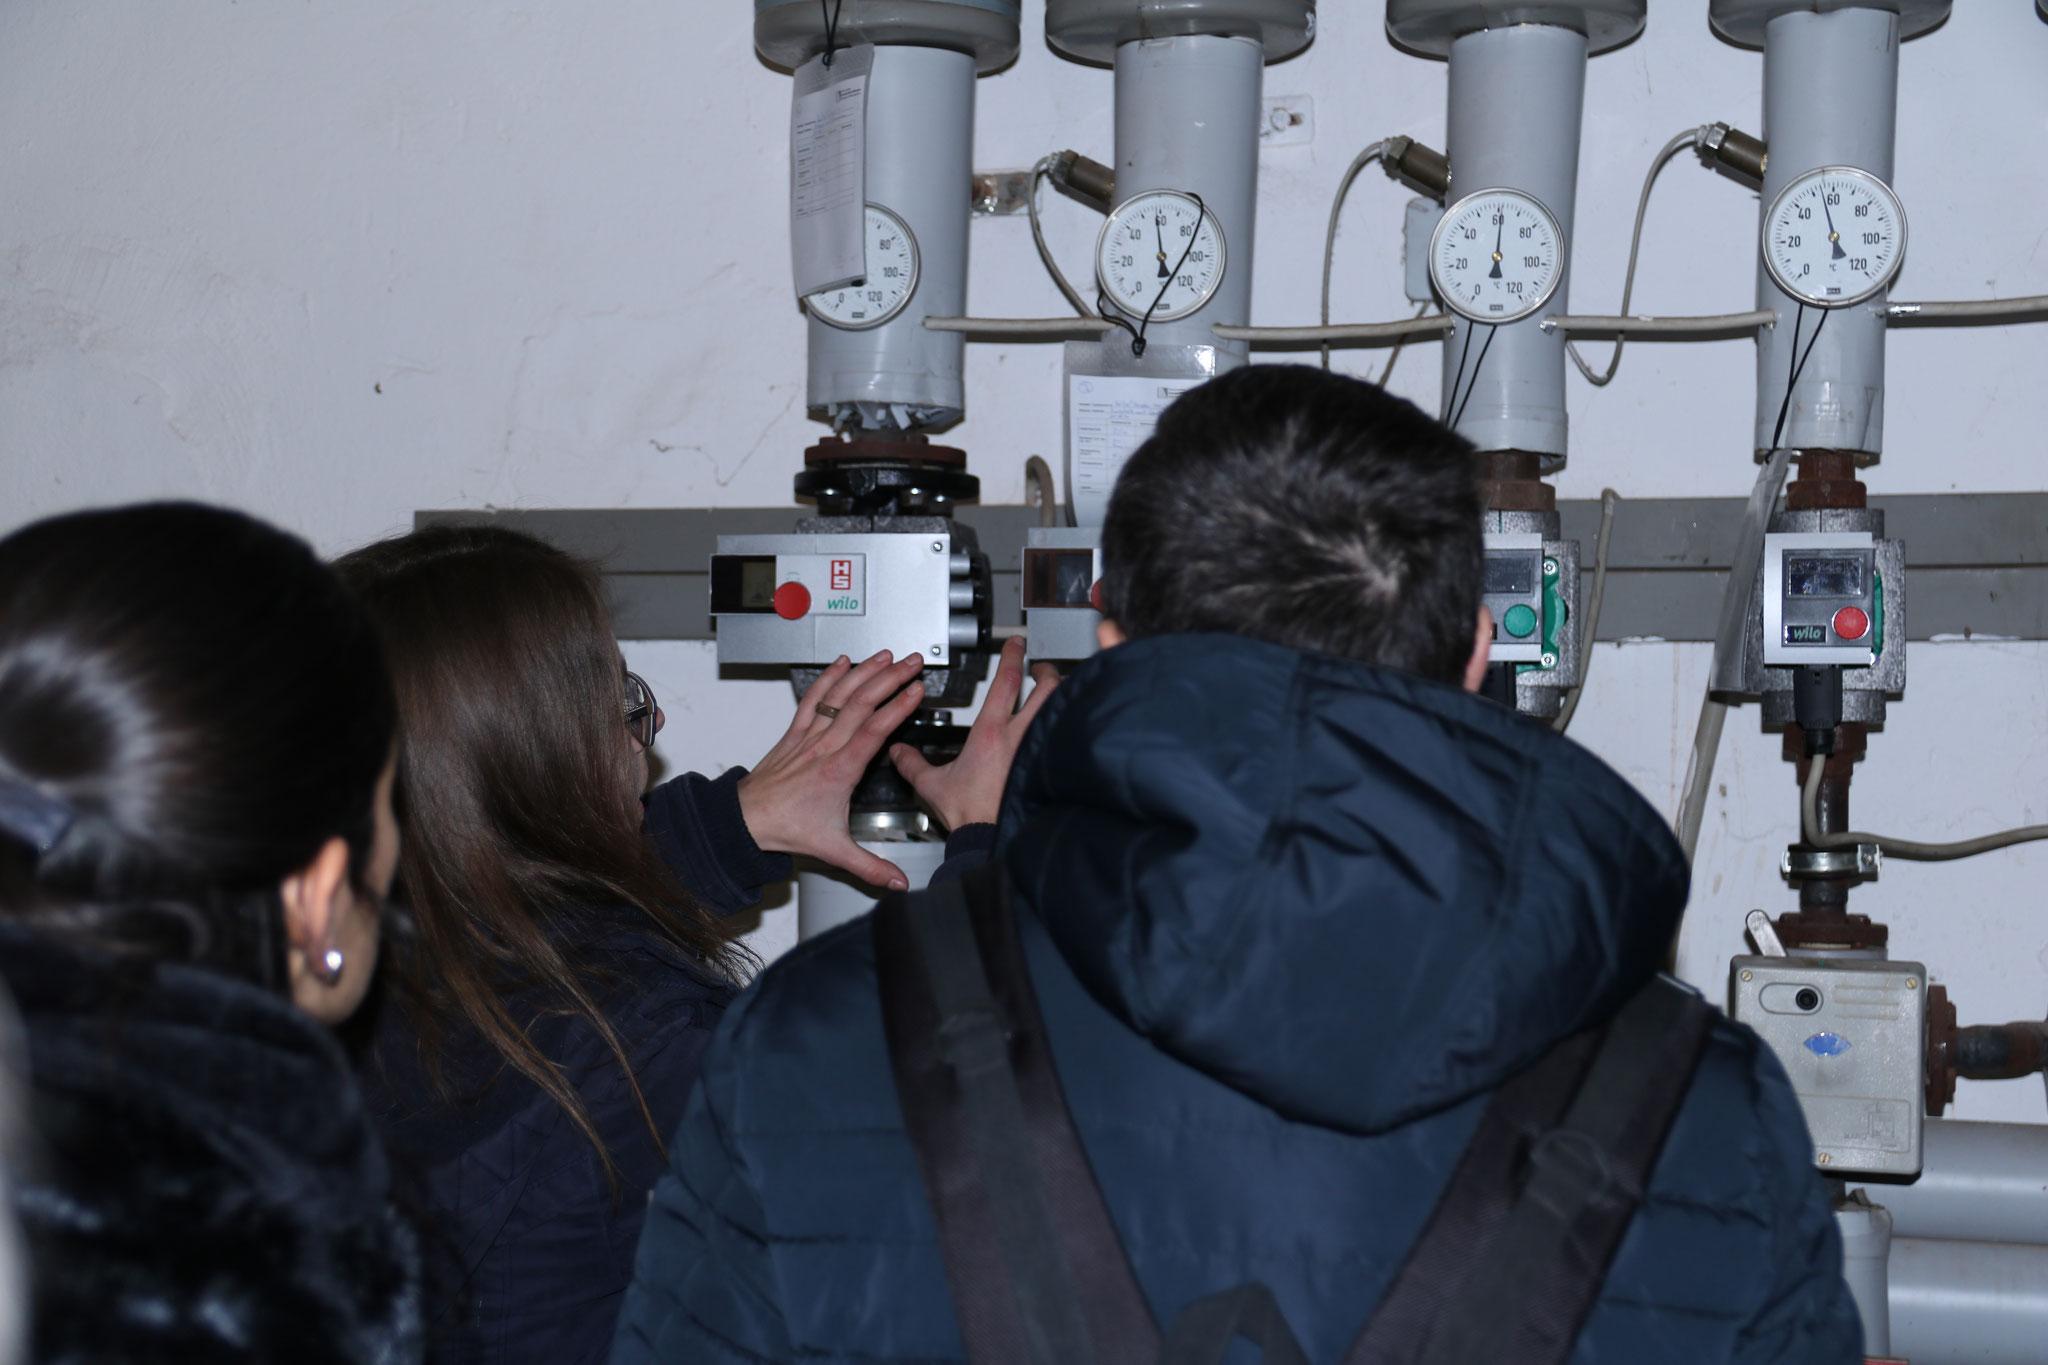 Mareike Failing von der Klimaschutzagentur Weserbergland zeigt beim Besuch der Grundschule in Salzhemmendorf, wie Energiemanagement vor Ort aussieht.